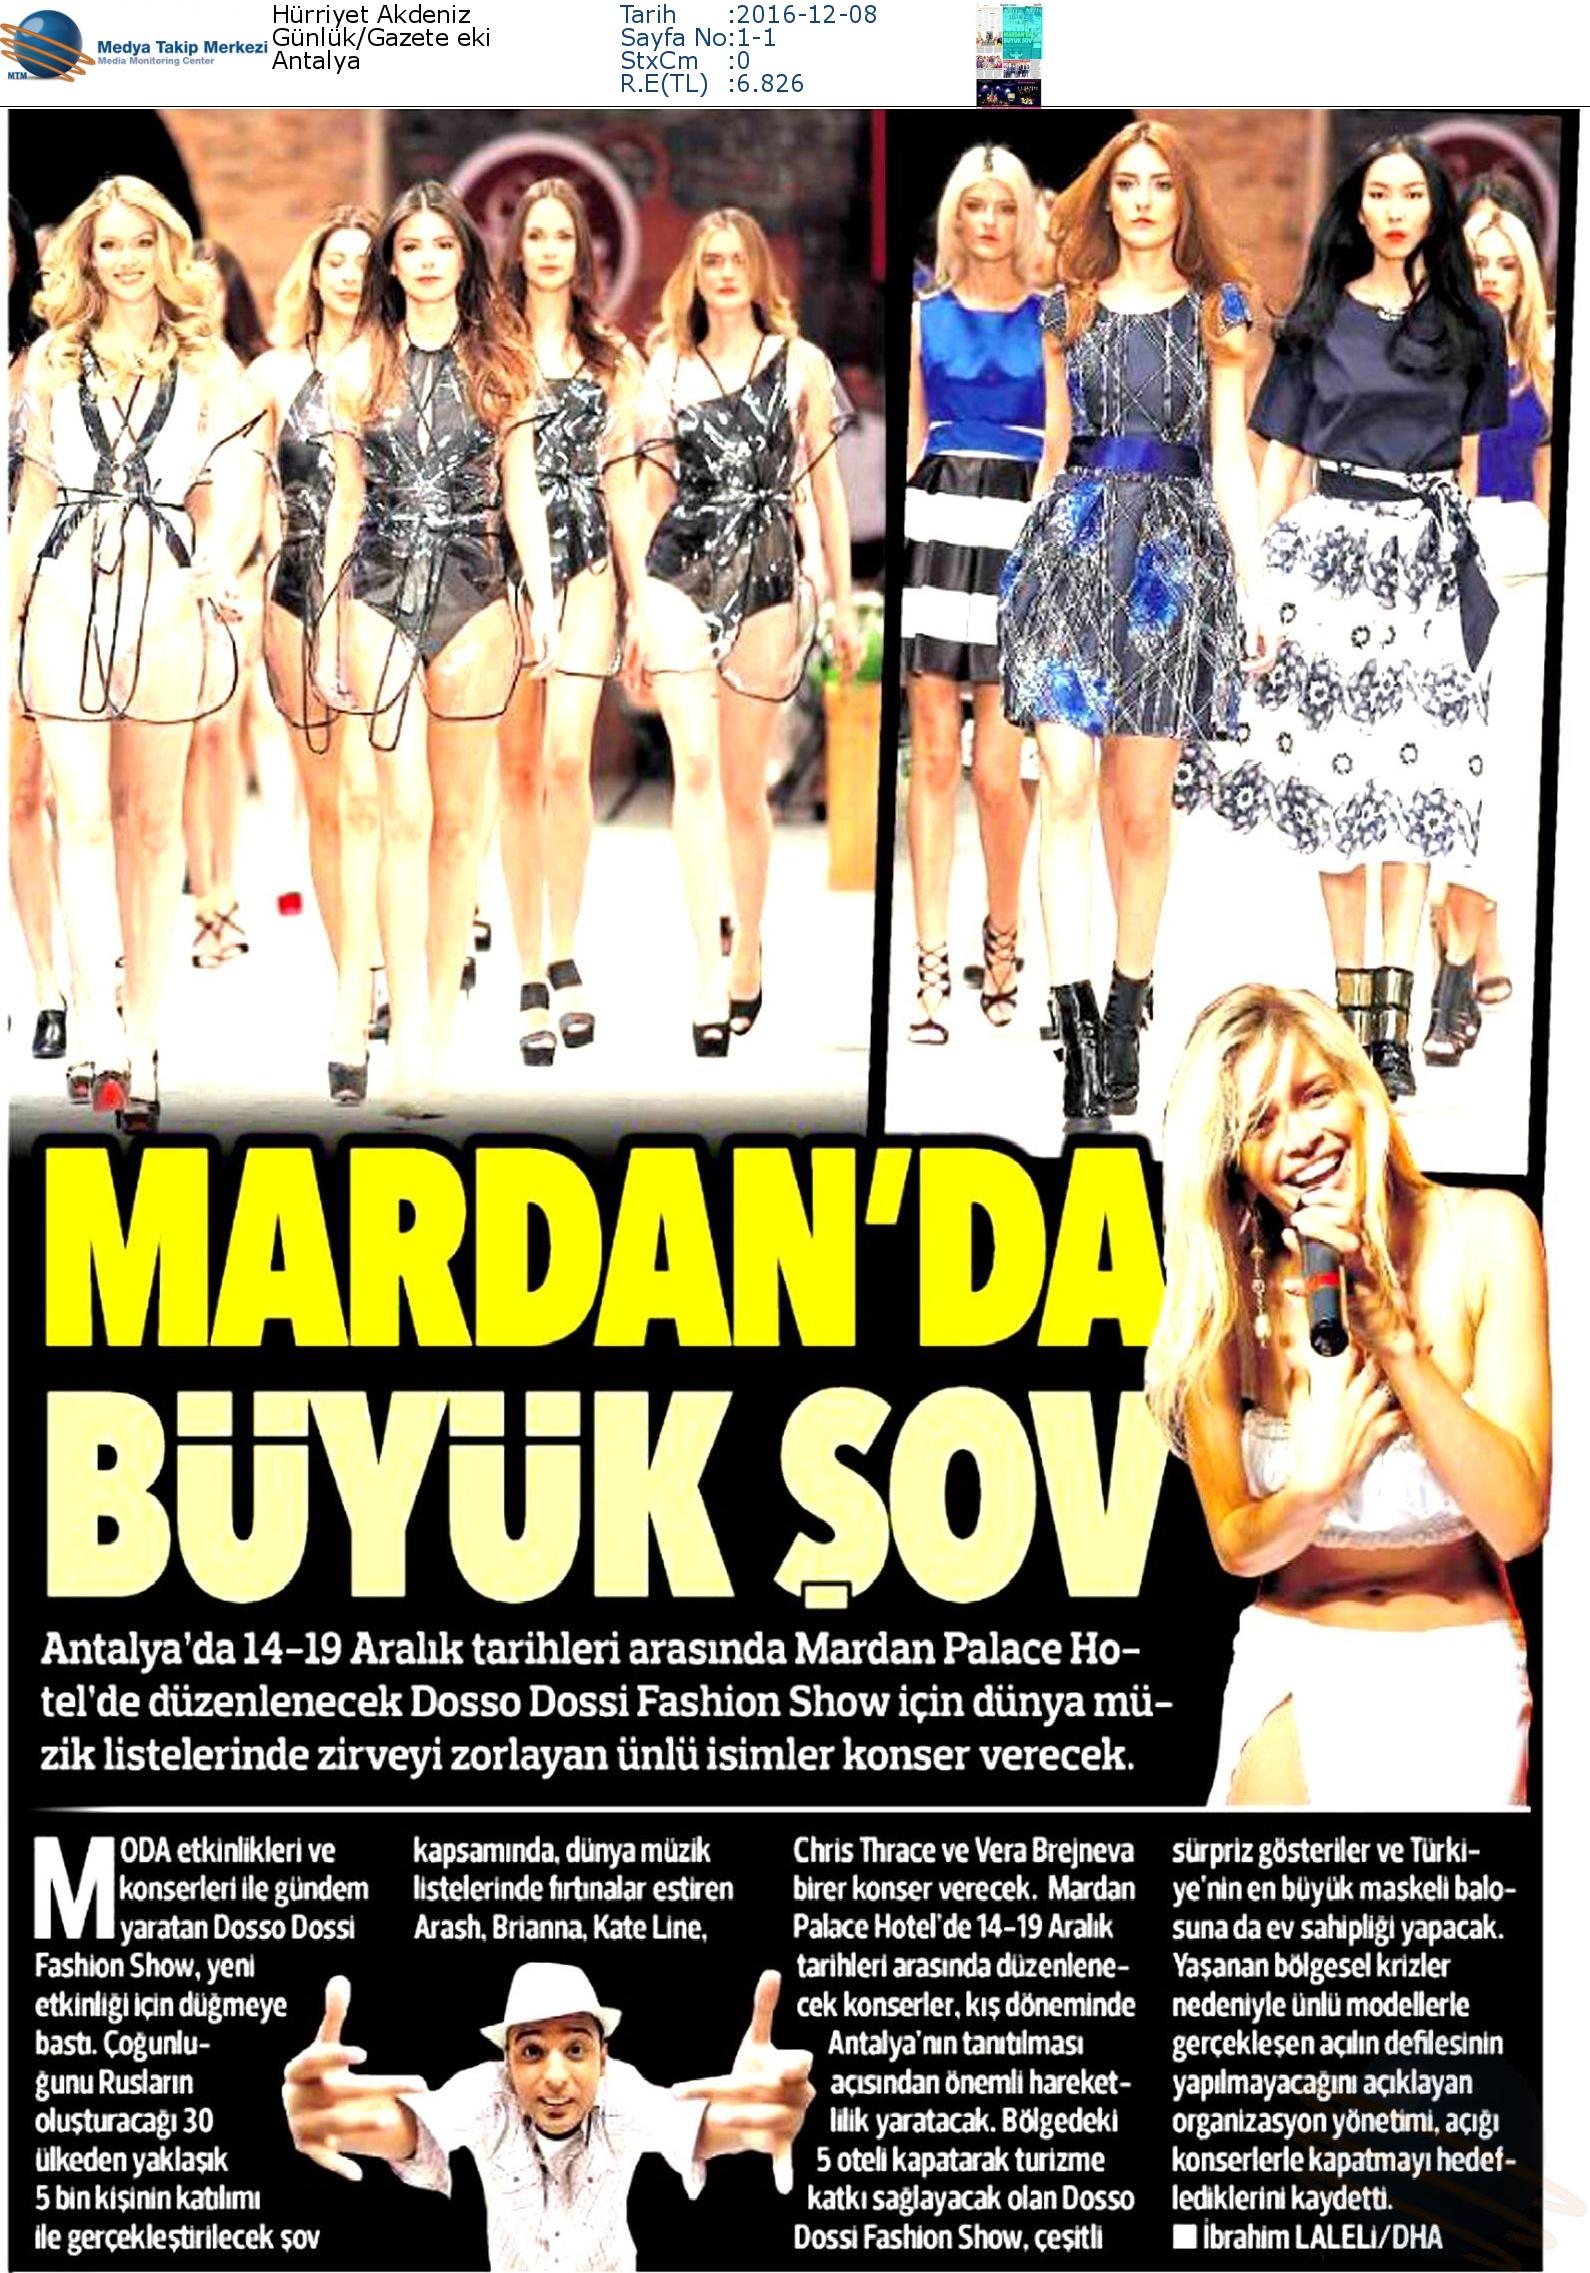 Hürriyet_Akdeniz-DOSSO_DOSSİ_HEYECANI-08.12.2016